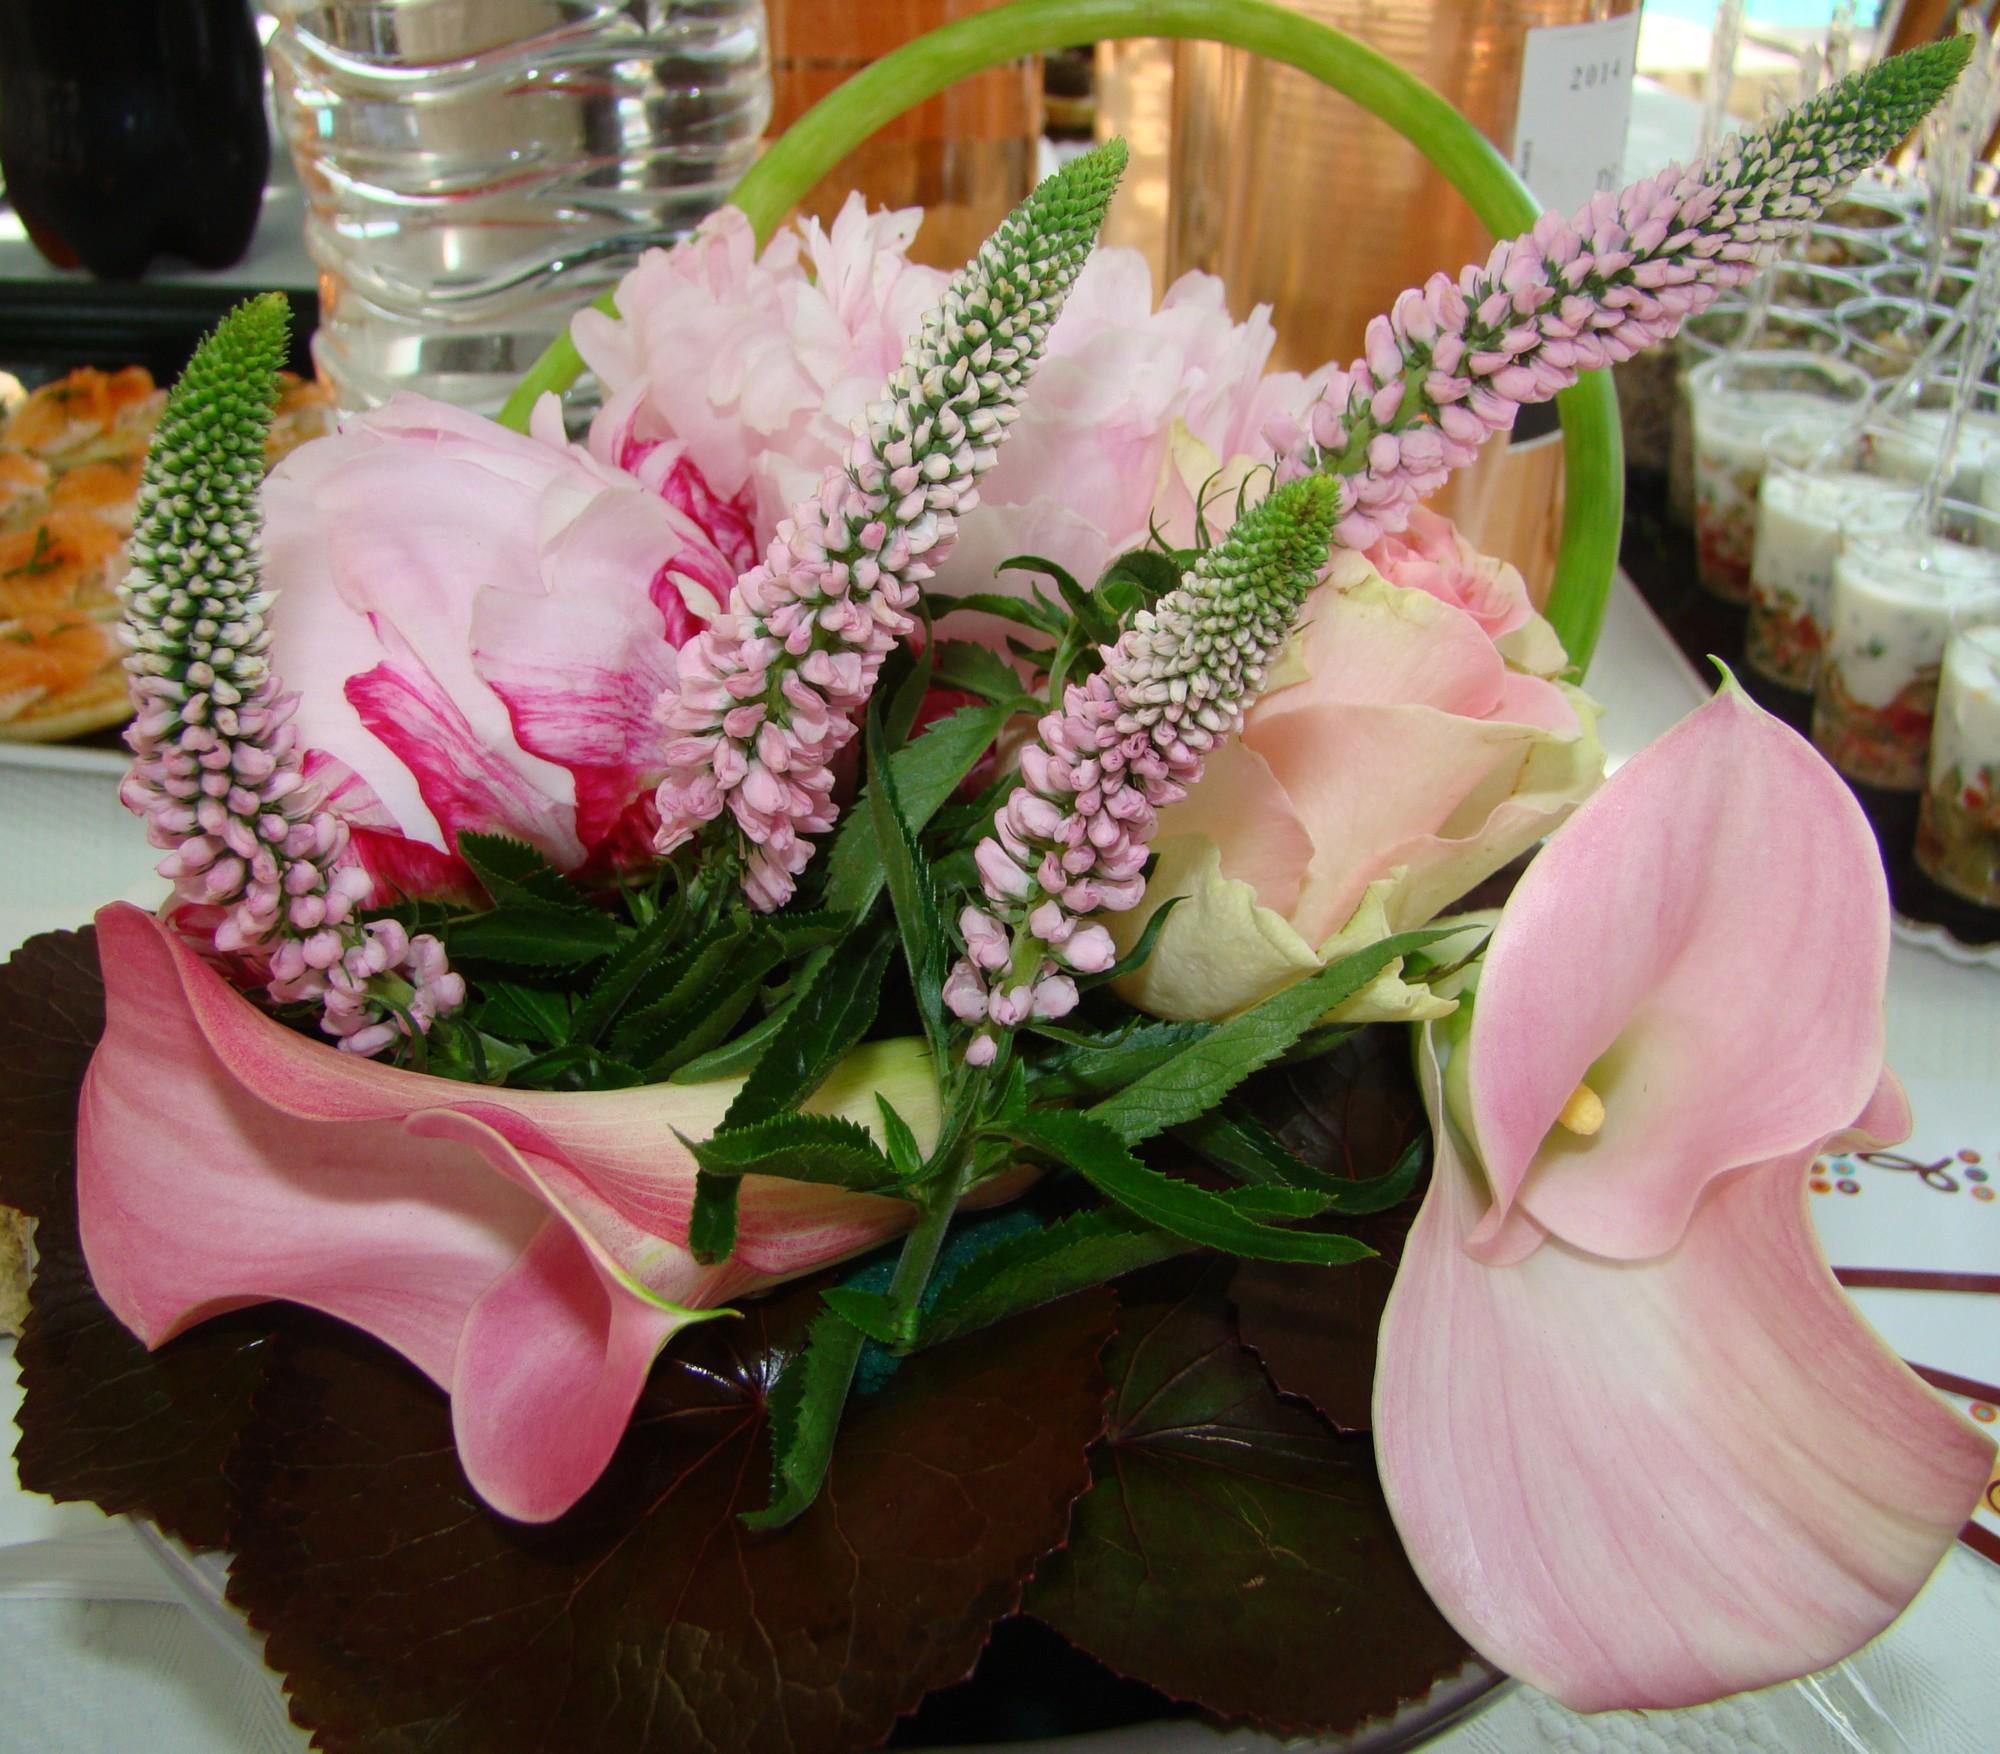 decoration-florale-buffet-dimitri-marseille